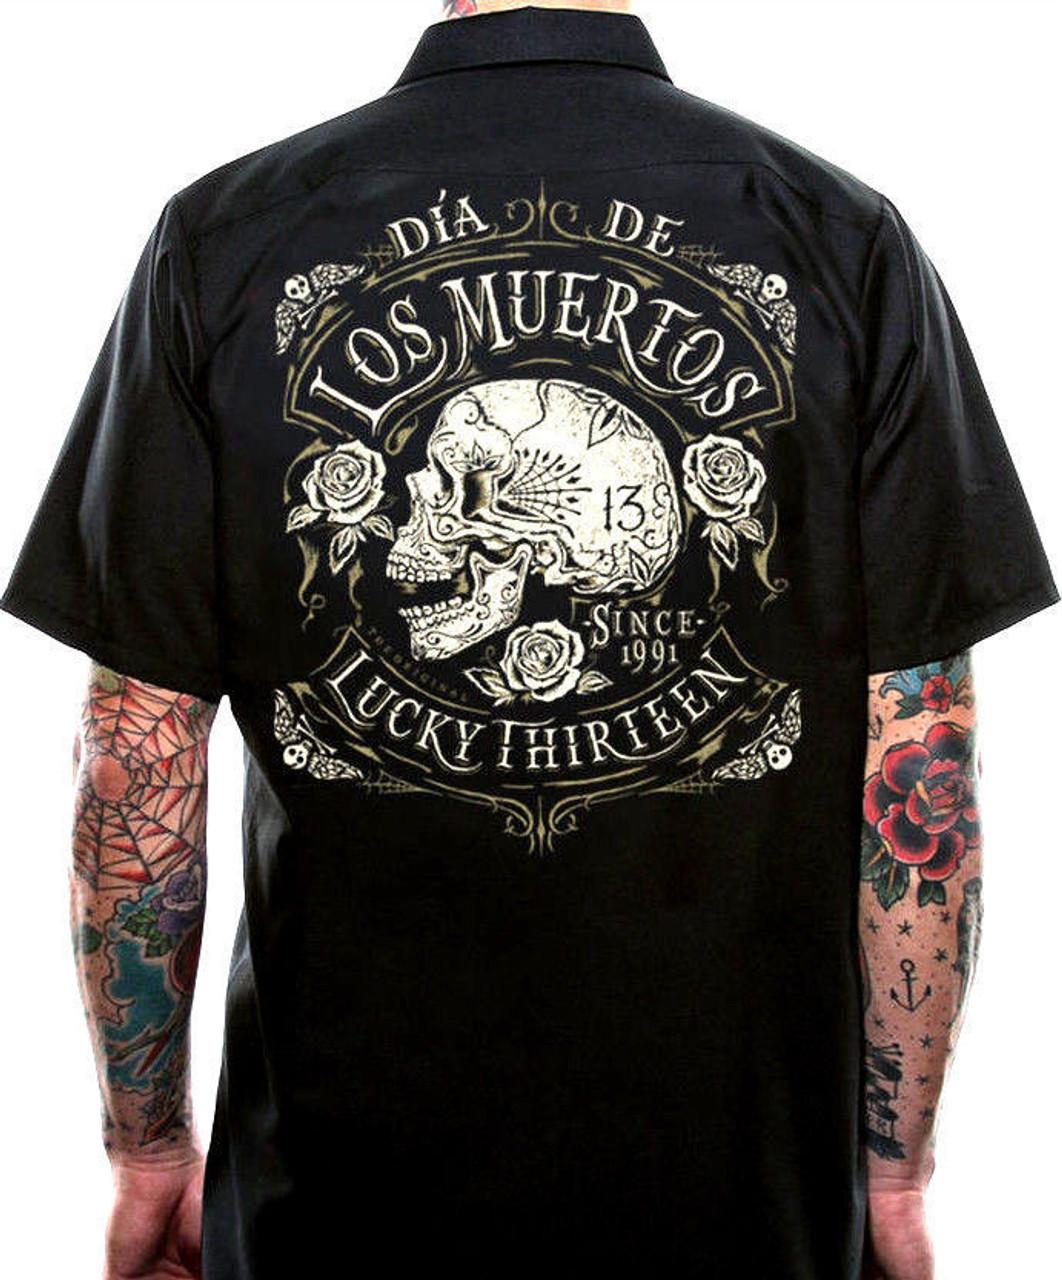 8301f1e21f08a Lucky 13 Dead Skull Motorcycle Rockabilly Biker Punk Goth Work Shirt M-4Xl